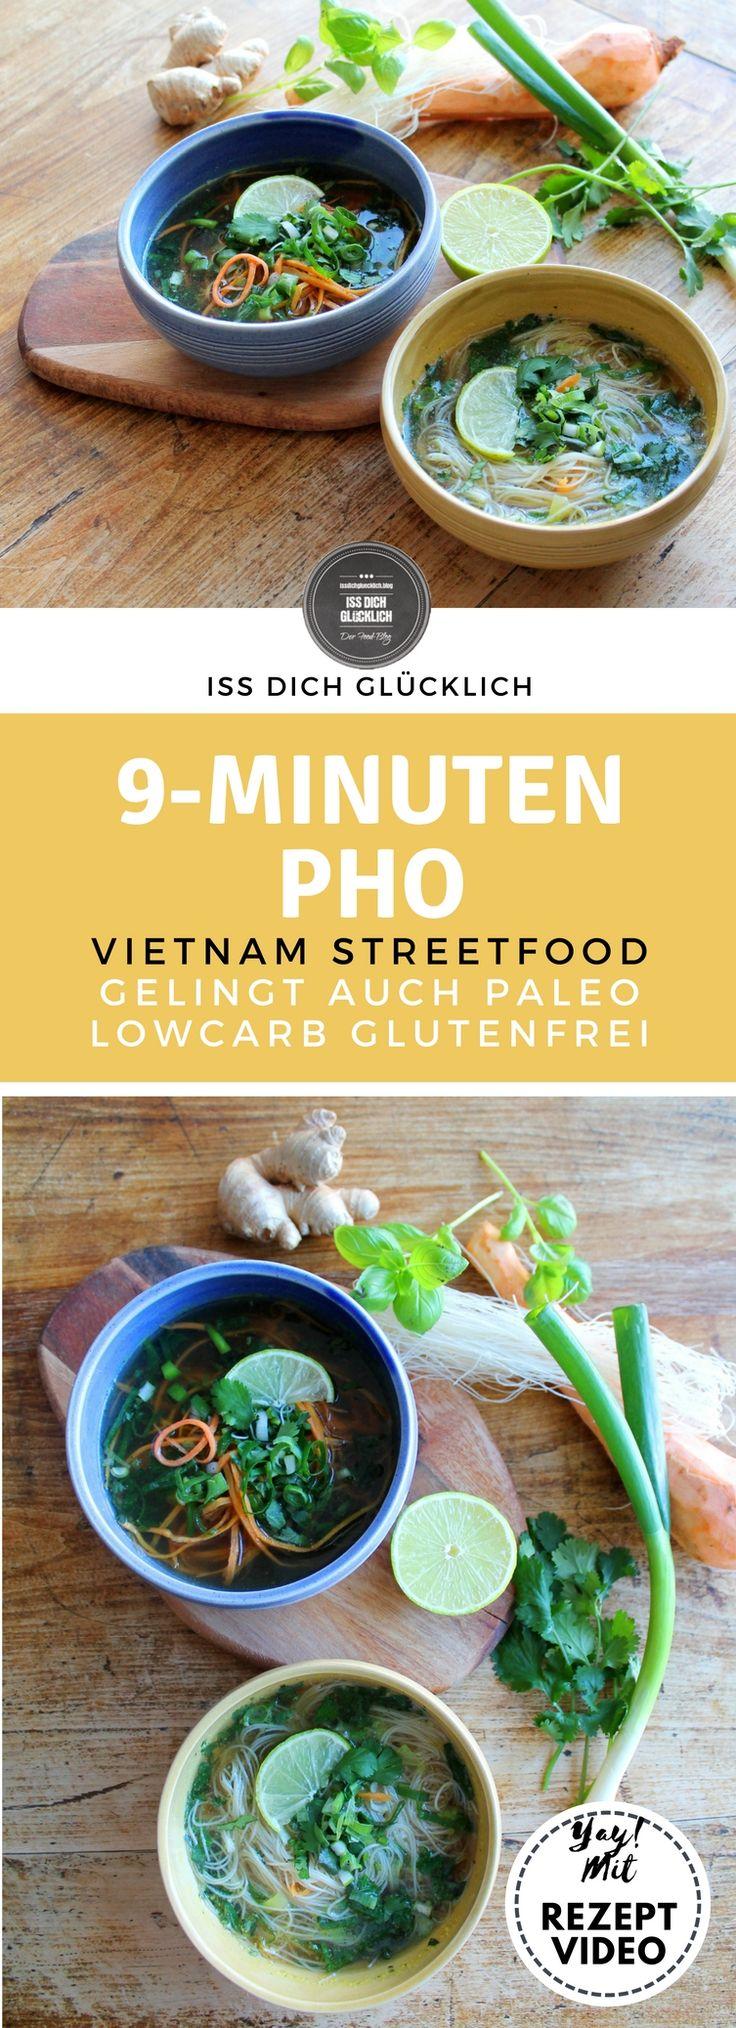 Vietnamesische Pho in 9 Minuten – ein Frühlings-Geschmacksfeuerwerk!